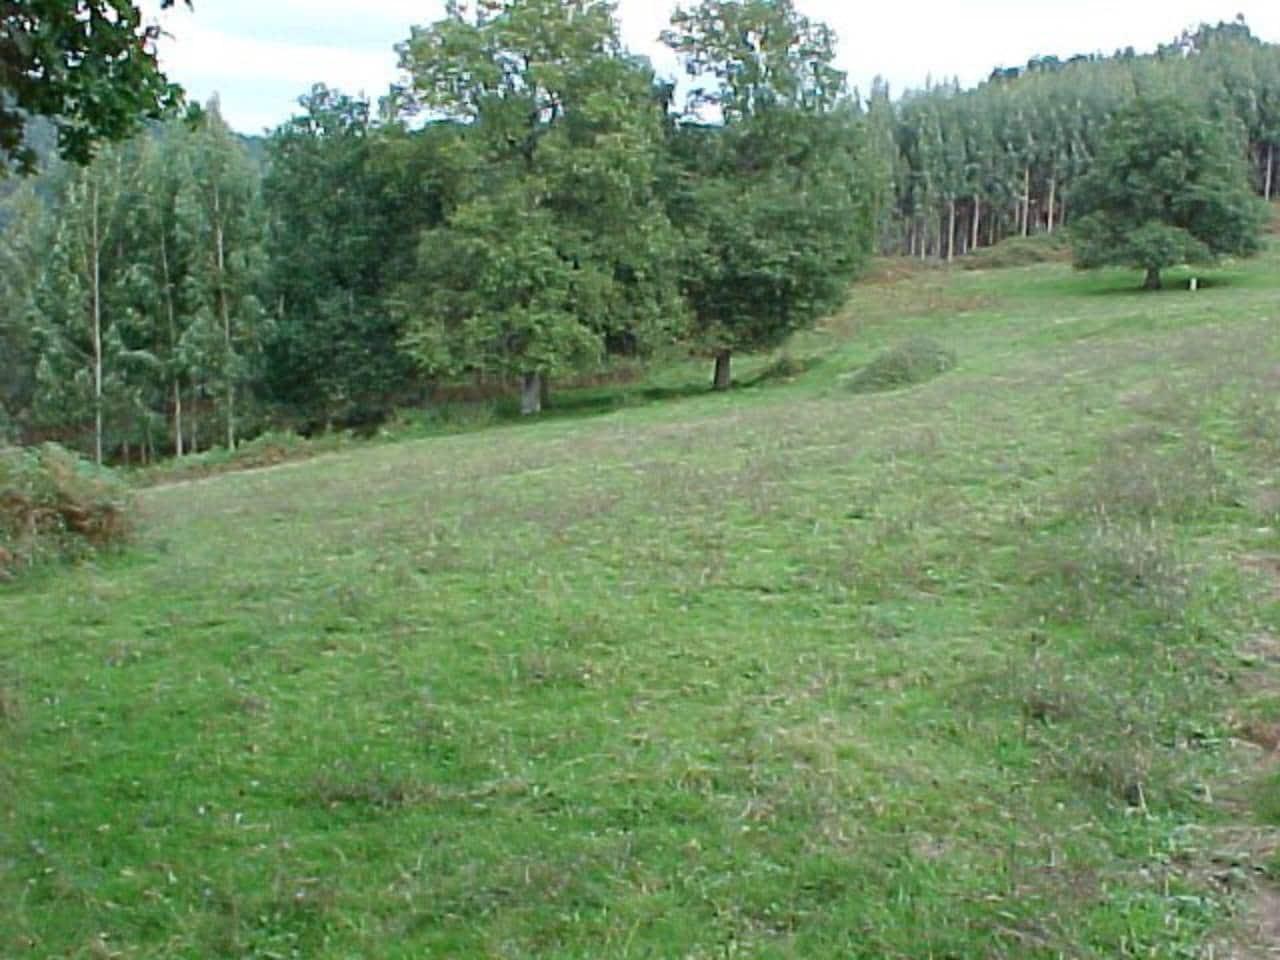 Terreno Não Urbanizado para venda em Arcentales - 86 000 € (Ref: 942832)